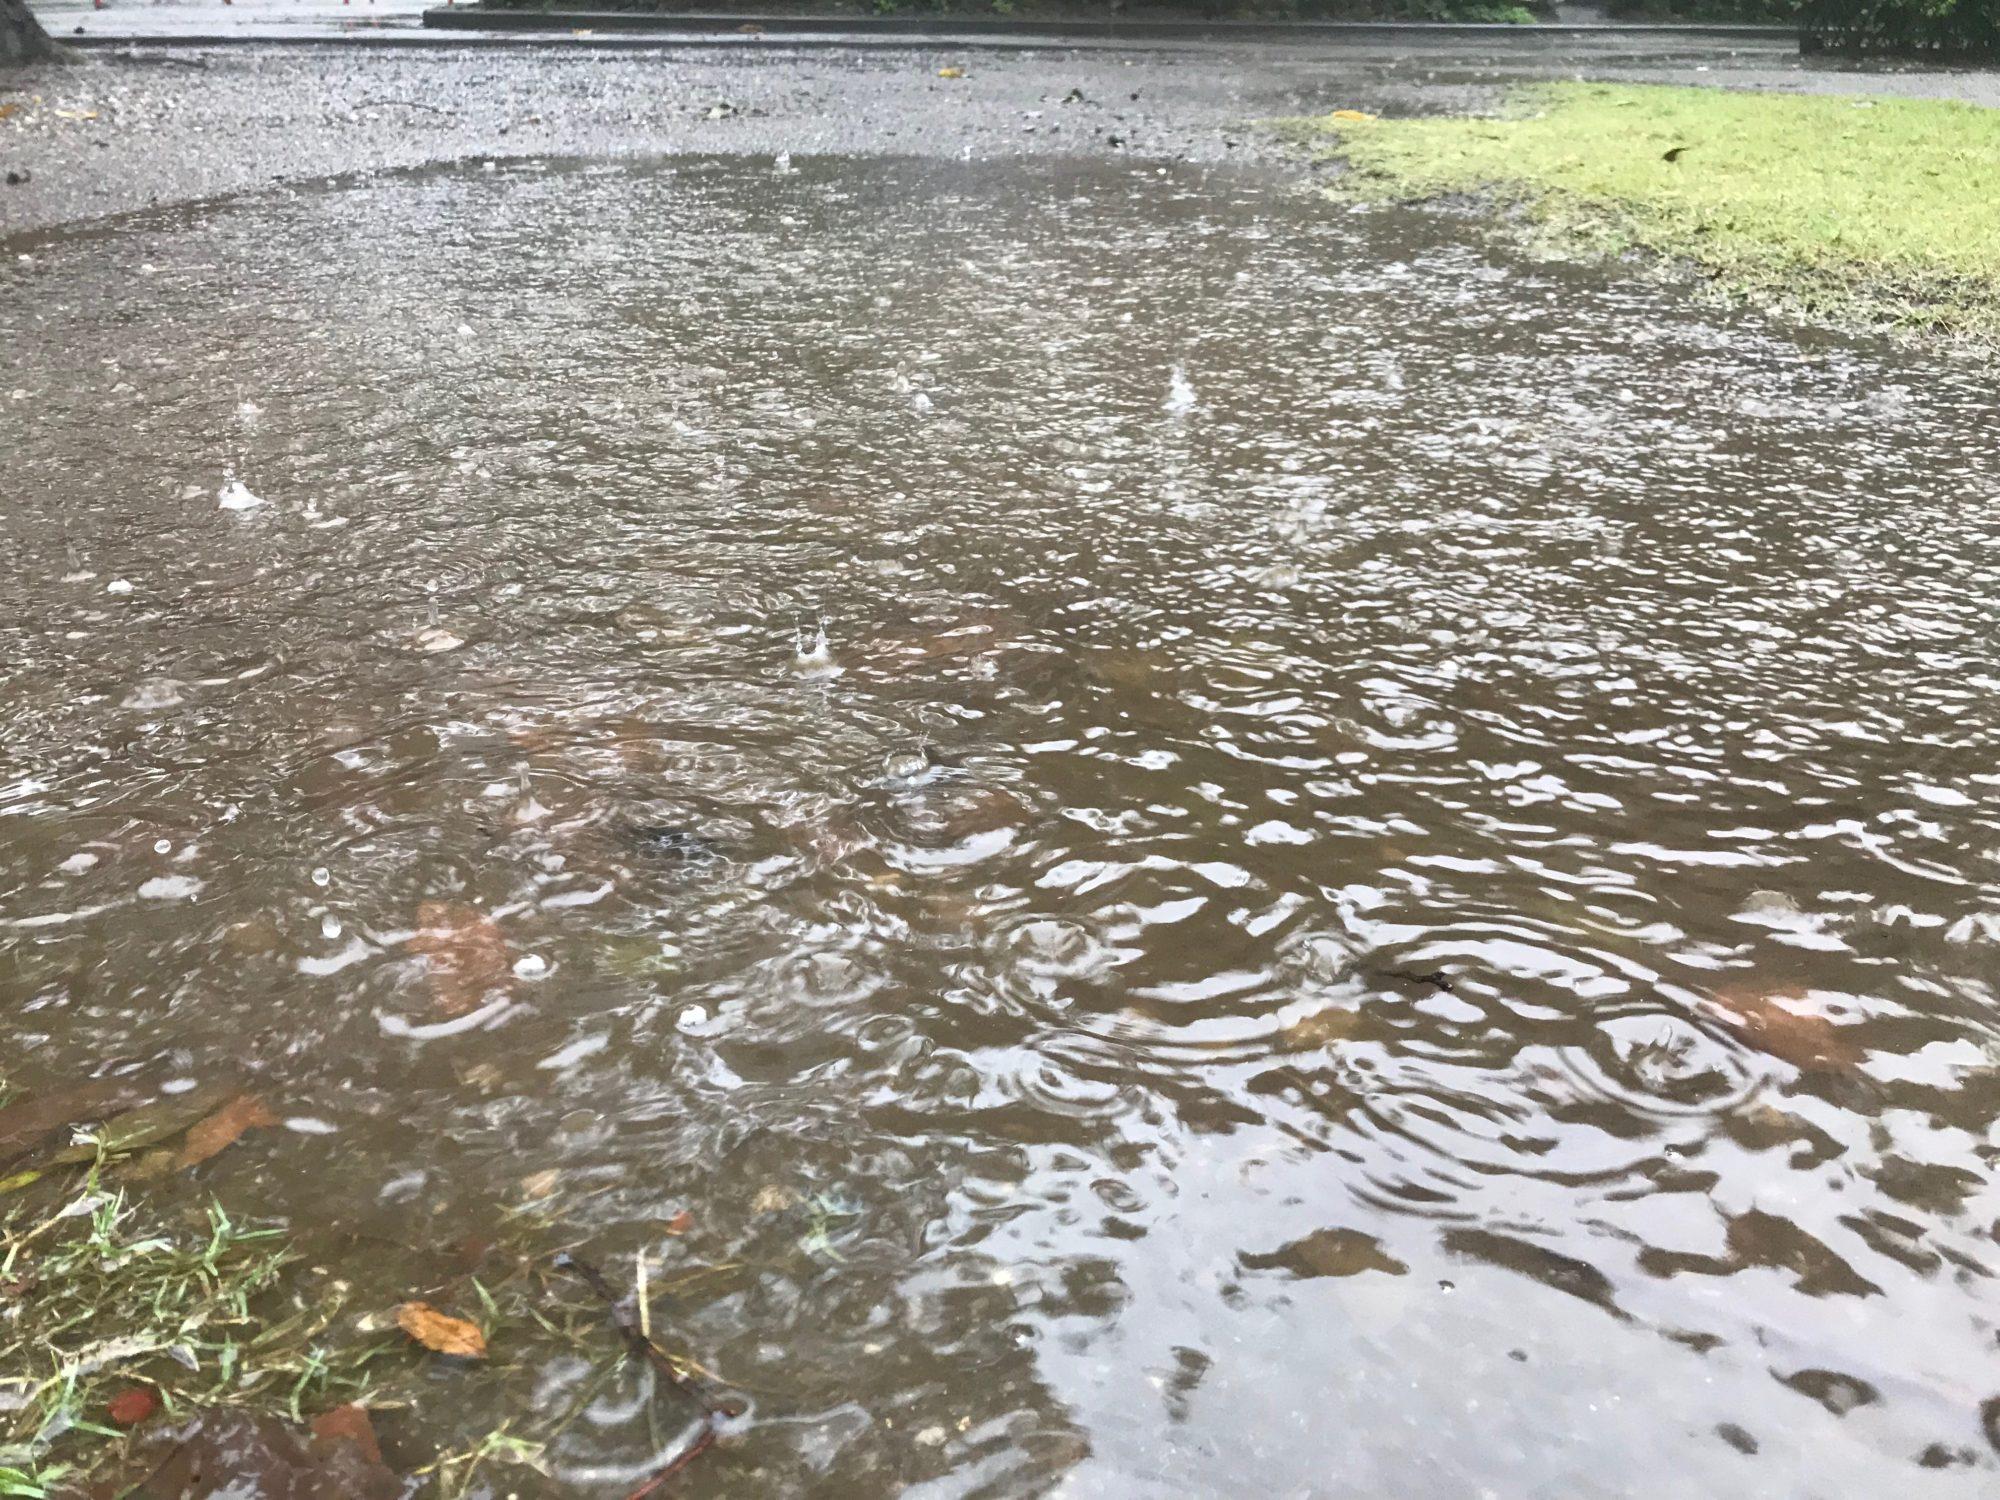 水溜りに雨が落ちている